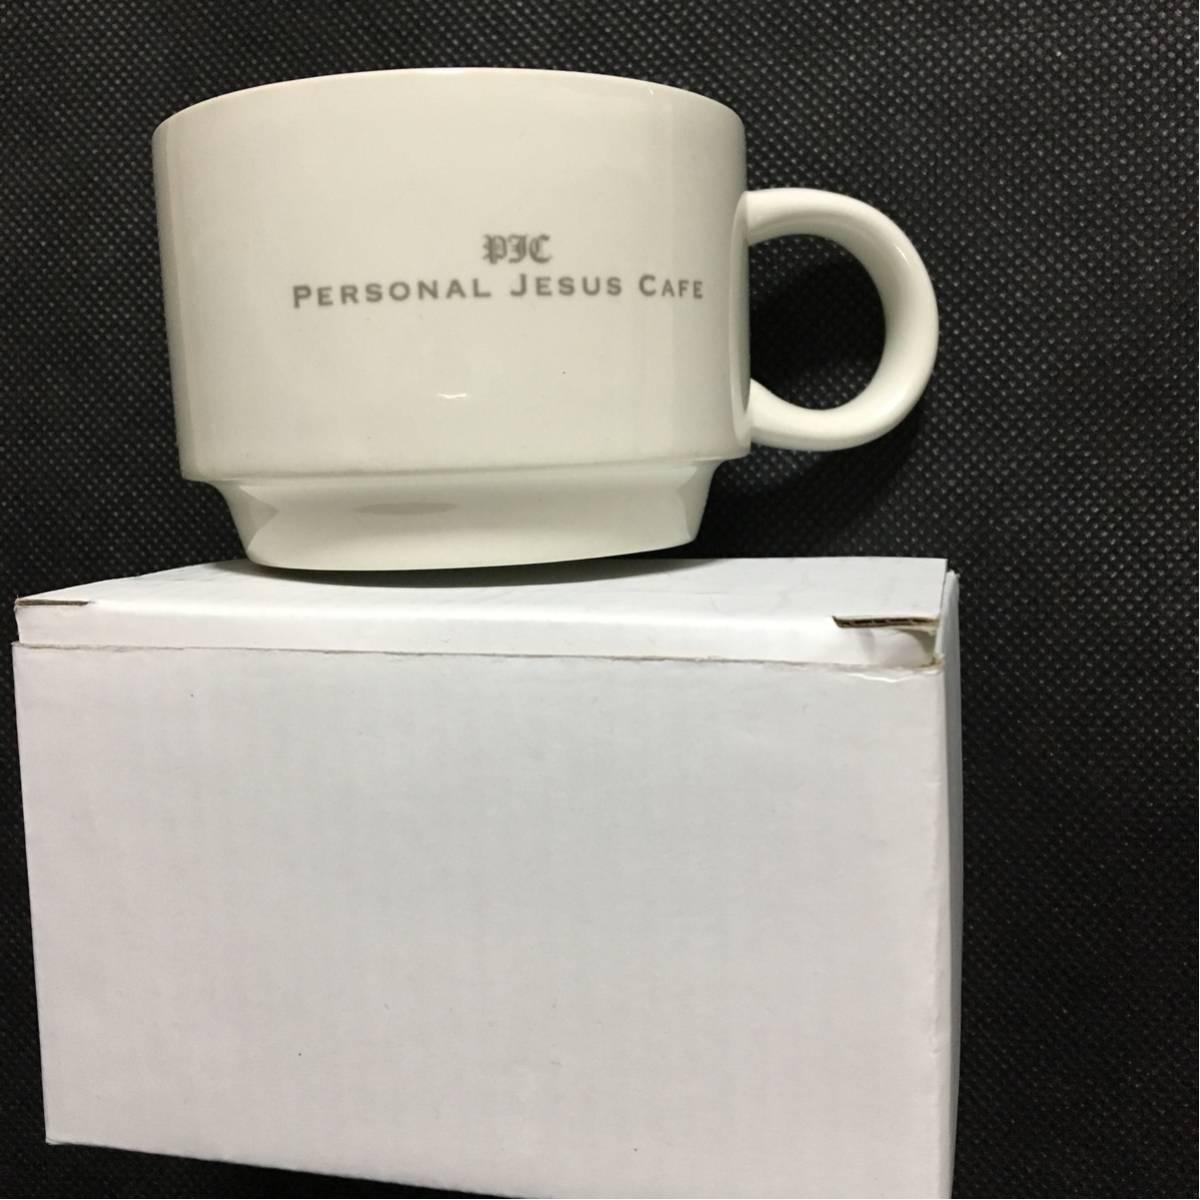 新品 未使用 氷室京介 スープカップ SOUP MAG CUP Personal Jesus Cafe PJC マグカップ